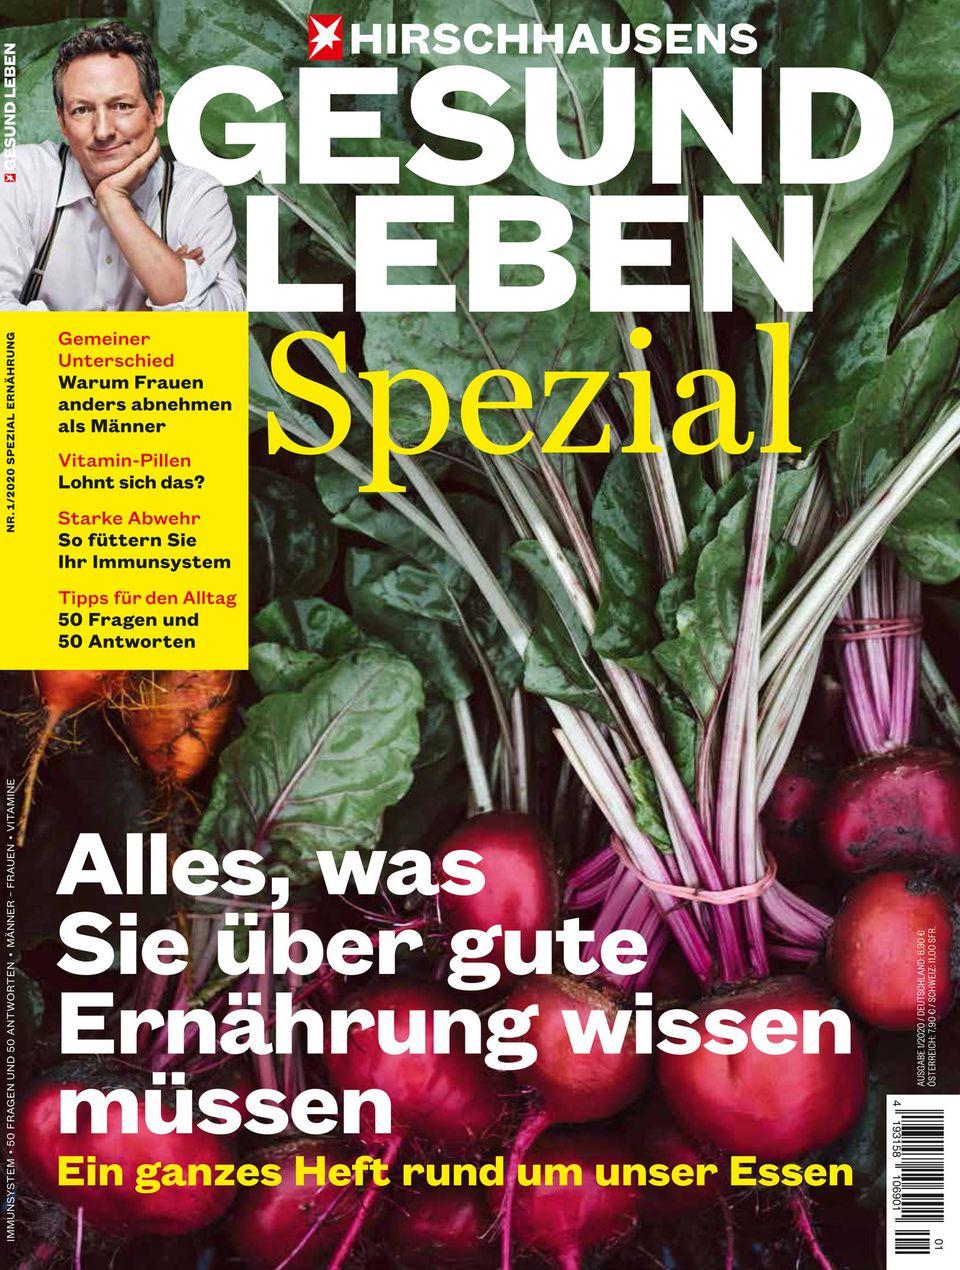 """Zum Weiterlesen: """"Hirschhausens stern Gesund Leben Spezial - Alles, was Sie über gute Ernährung wissen müssen."""" Ab sofort am Kiosk."""